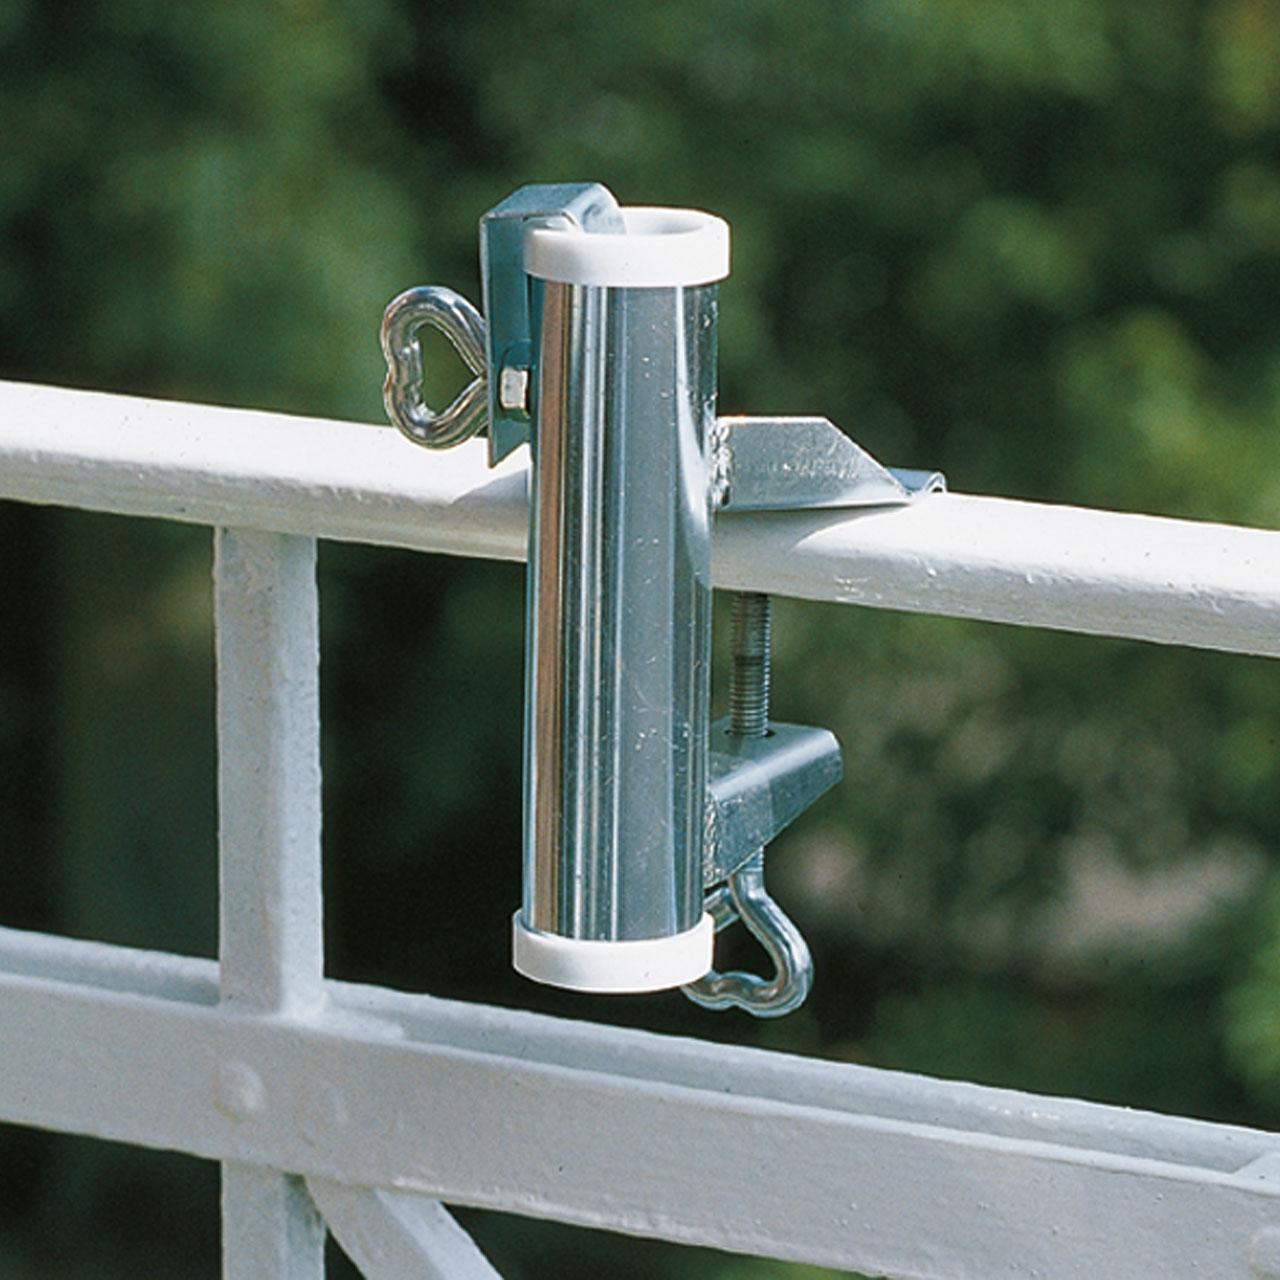 sonnenschirmhalter videx f r balkon handlauf verzinkt sichtschutz. Black Bedroom Furniture Sets. Home Design Ideas